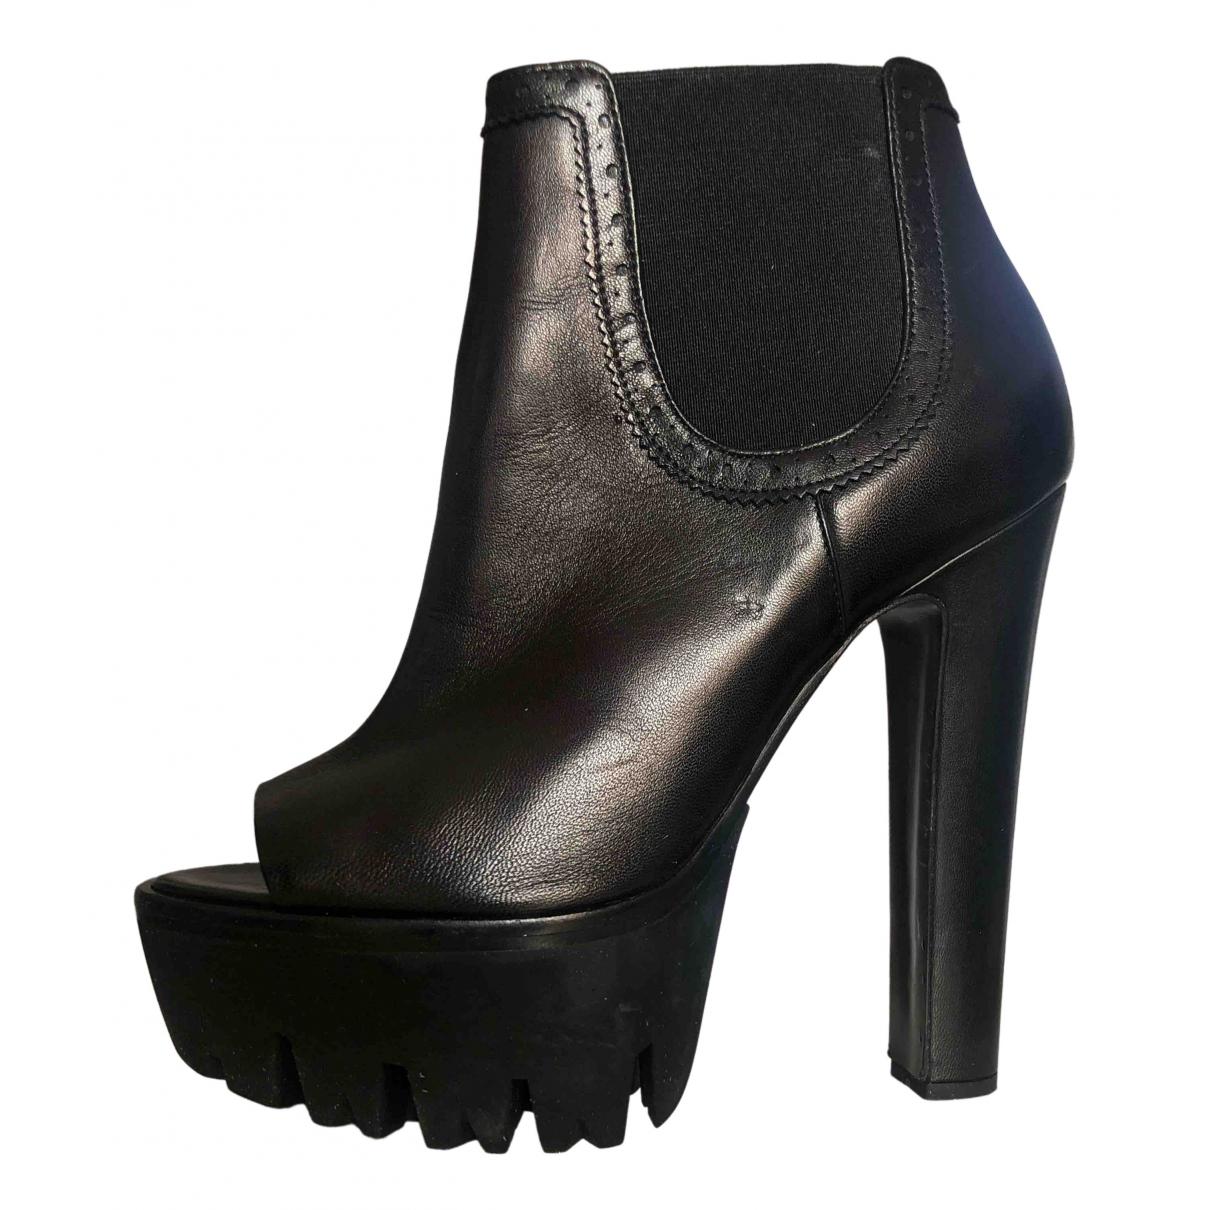 Versus - Boots   pour femme en cuir - noir